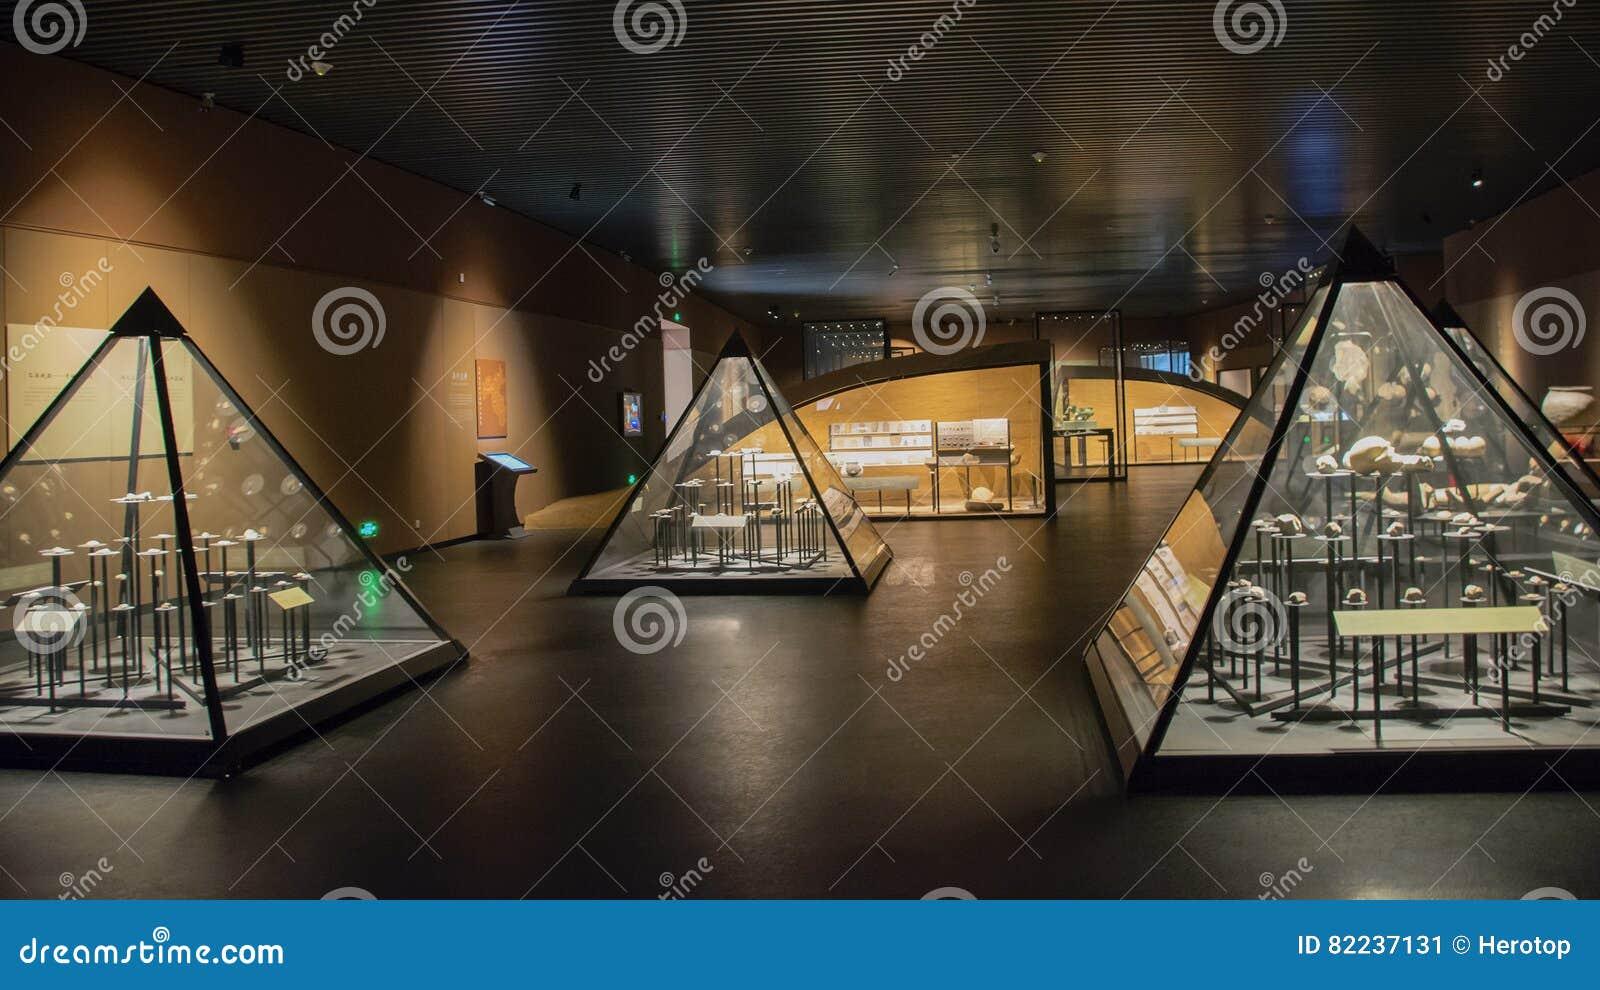 Indoor exhibition hall